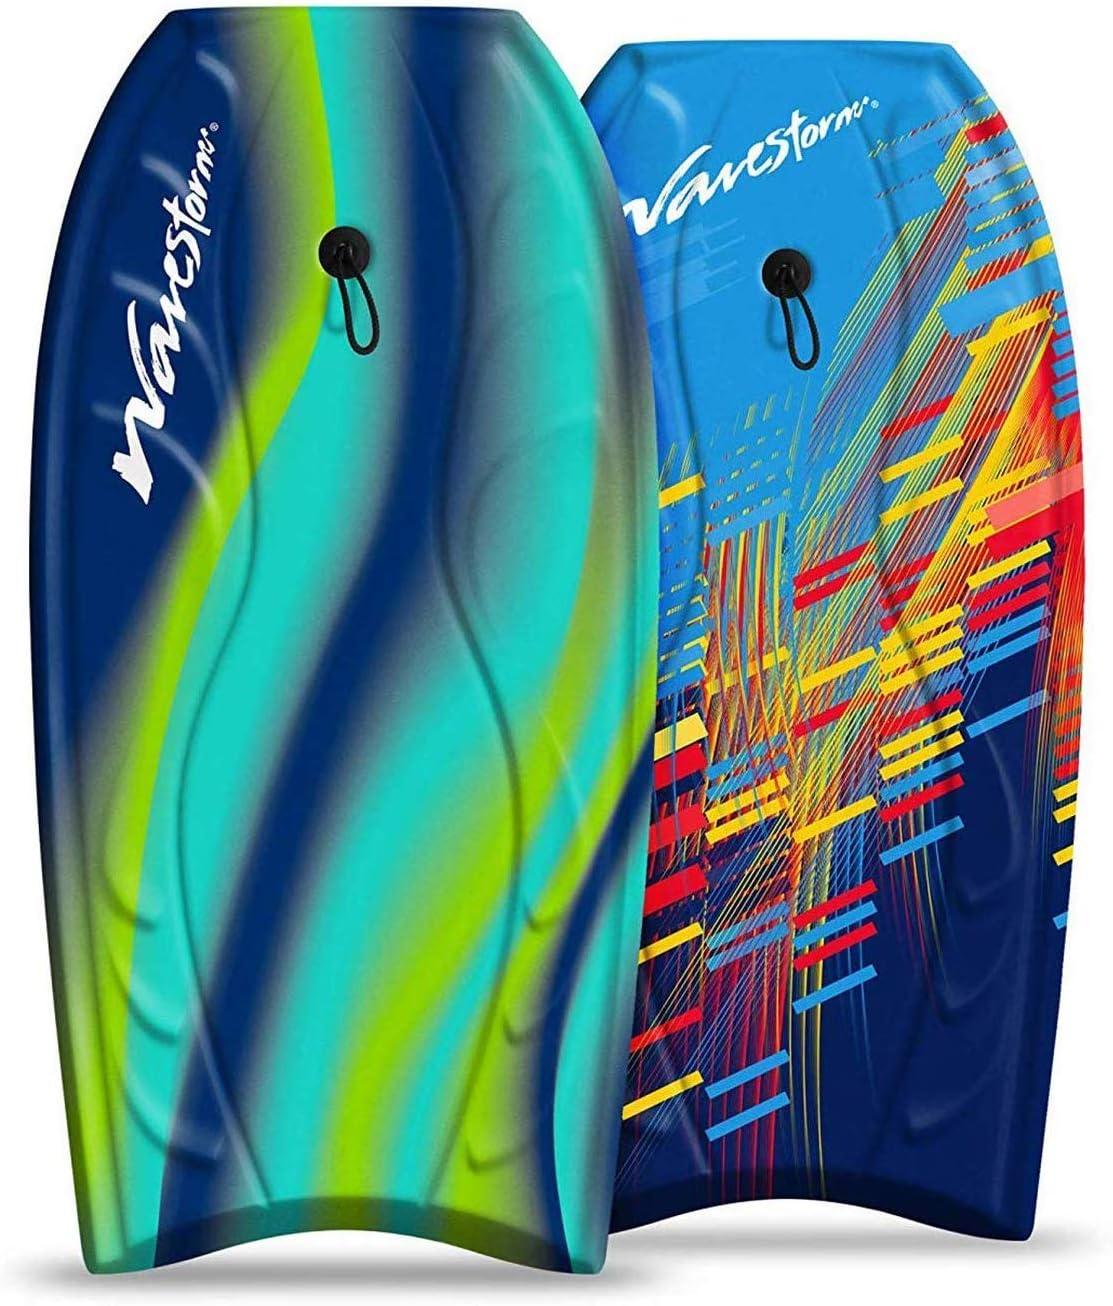 /Enth/ält BPS gewickelten Leine und Swim Fin Tethers Storm Bodyboard Pack von BPS/